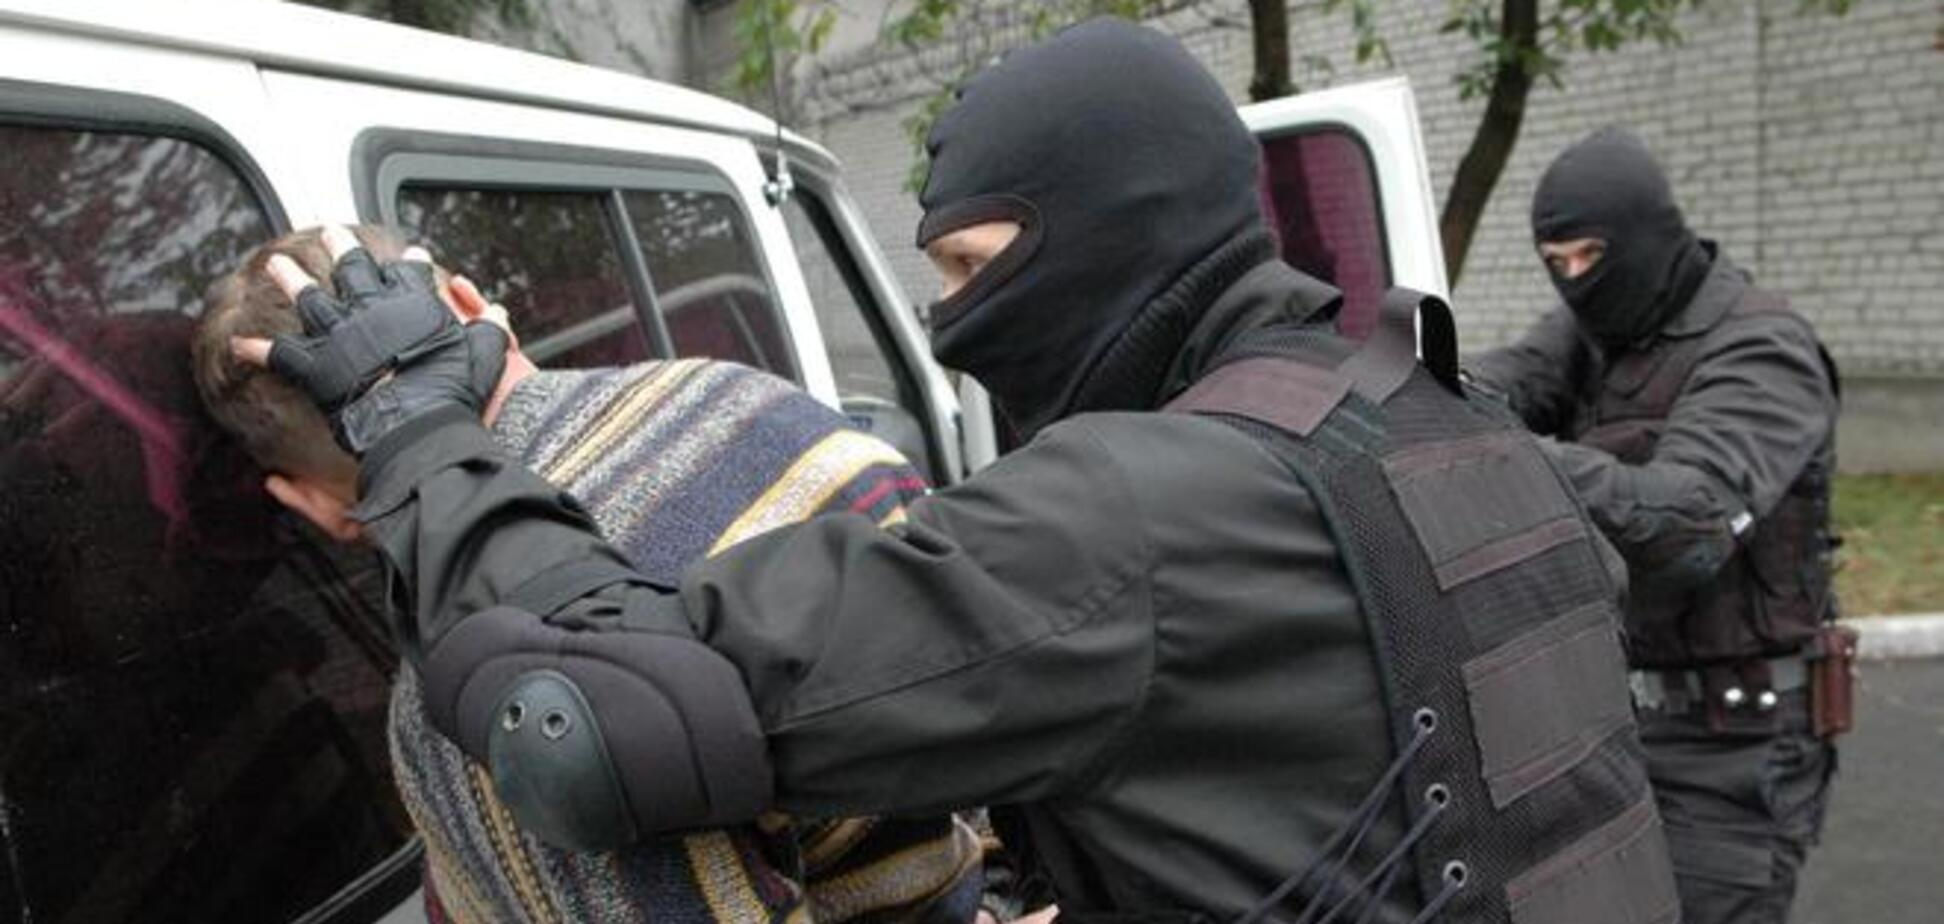 СБУ перекрыла канал поставки наемников для террористов на востоке